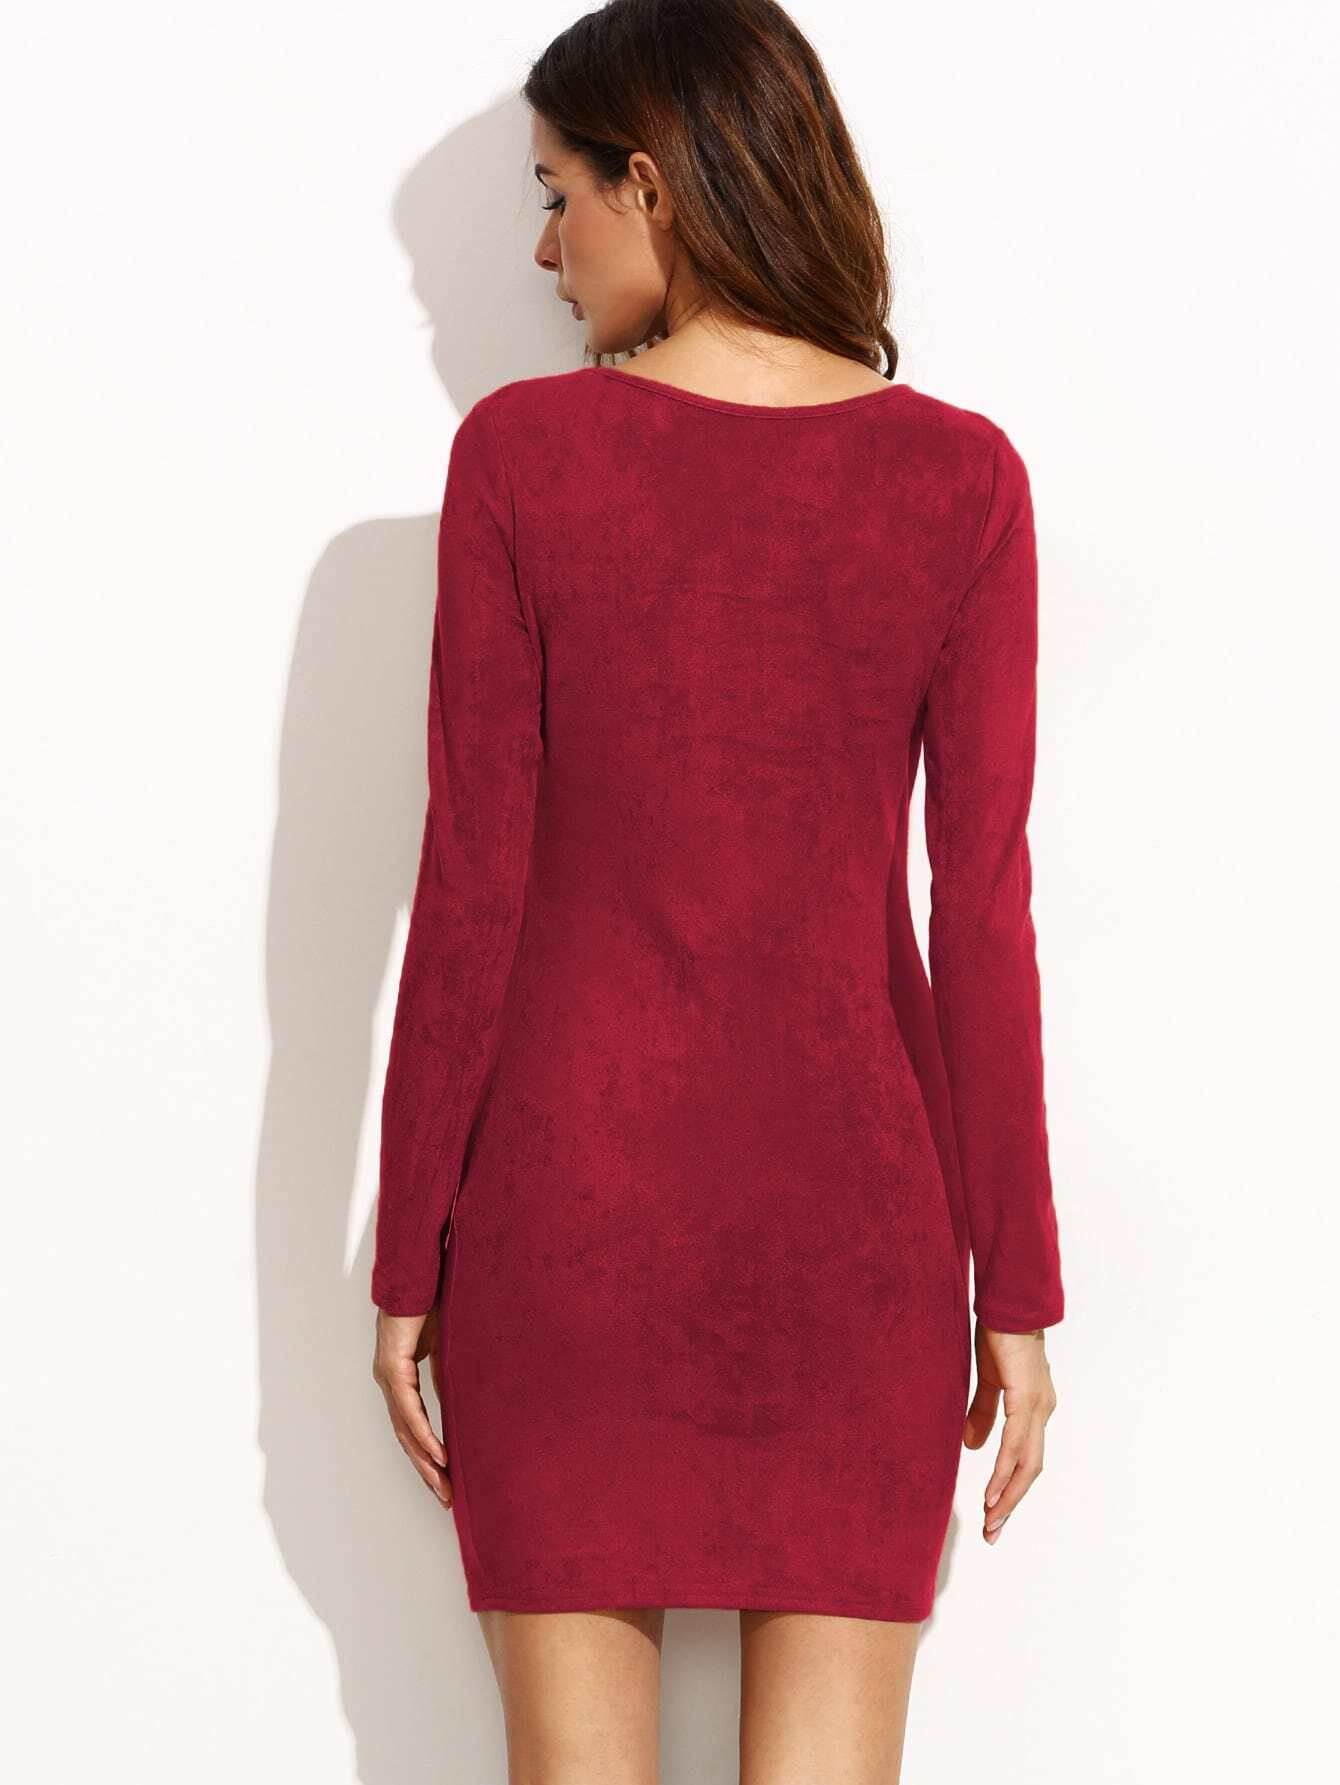 dress161114702_2